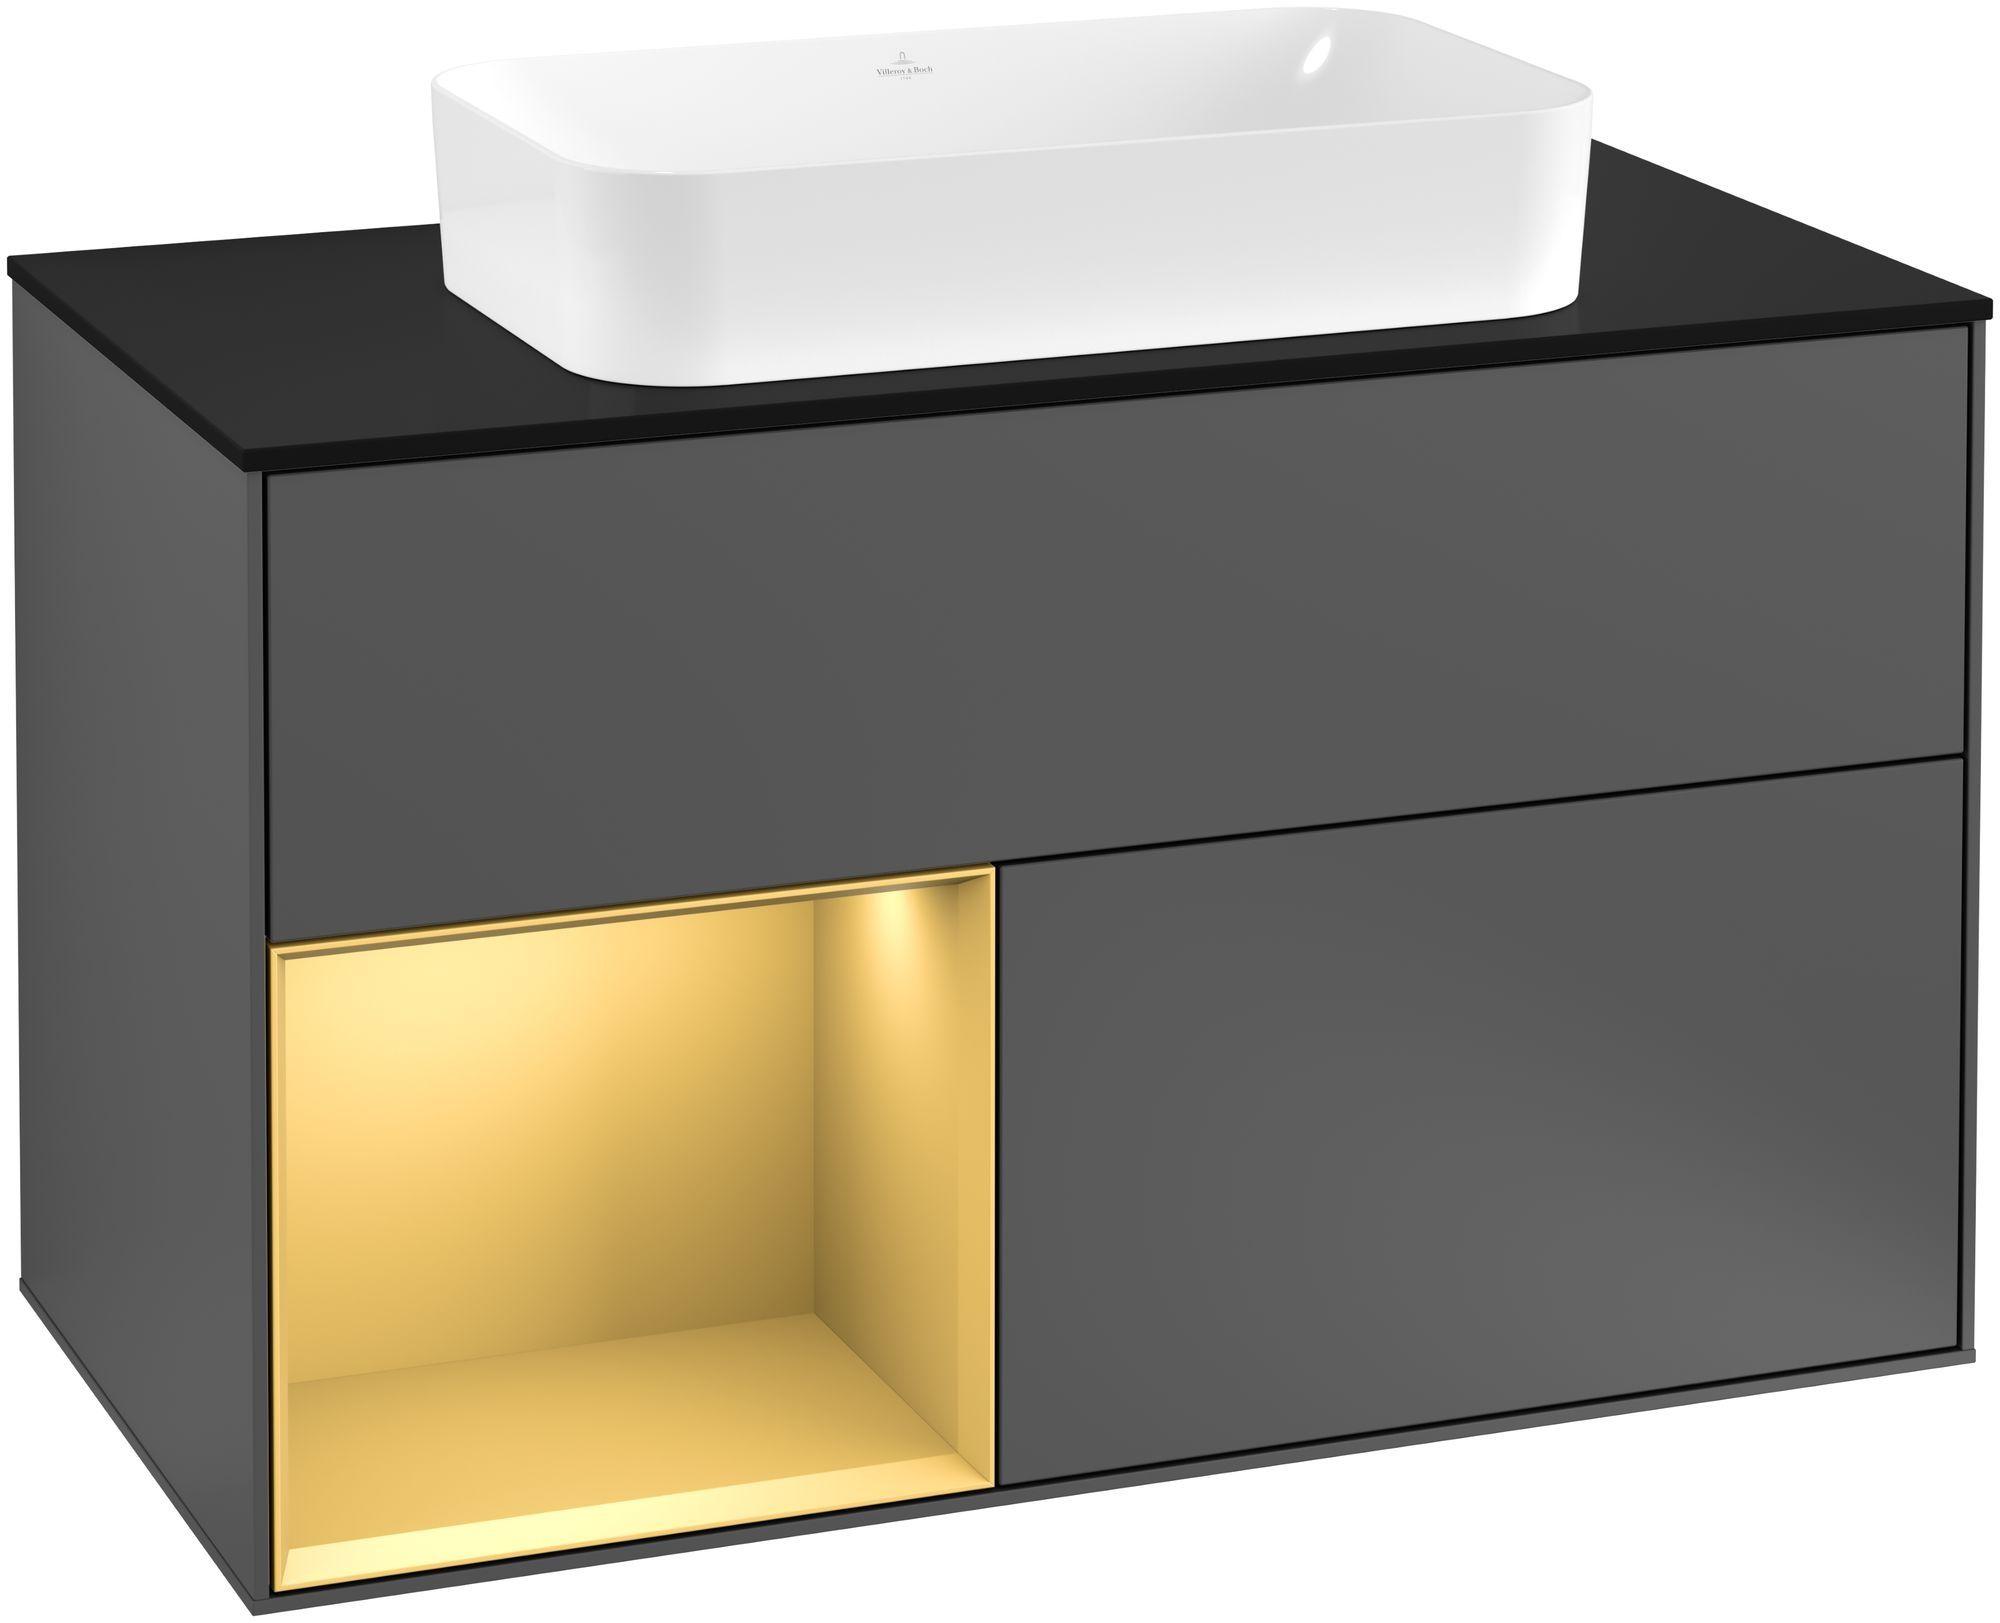 Villeroy & Boch Finion F24 Waschtischunterschrank mit Regalelement 2 Auszüge für WT mittig LED-Beleuchtung B:100xH:60,3xT:50,1cm Front, Korpus: Anthracite Matt, Regal: Gold Matt, Glasplatte: Black Matt F242HFGK